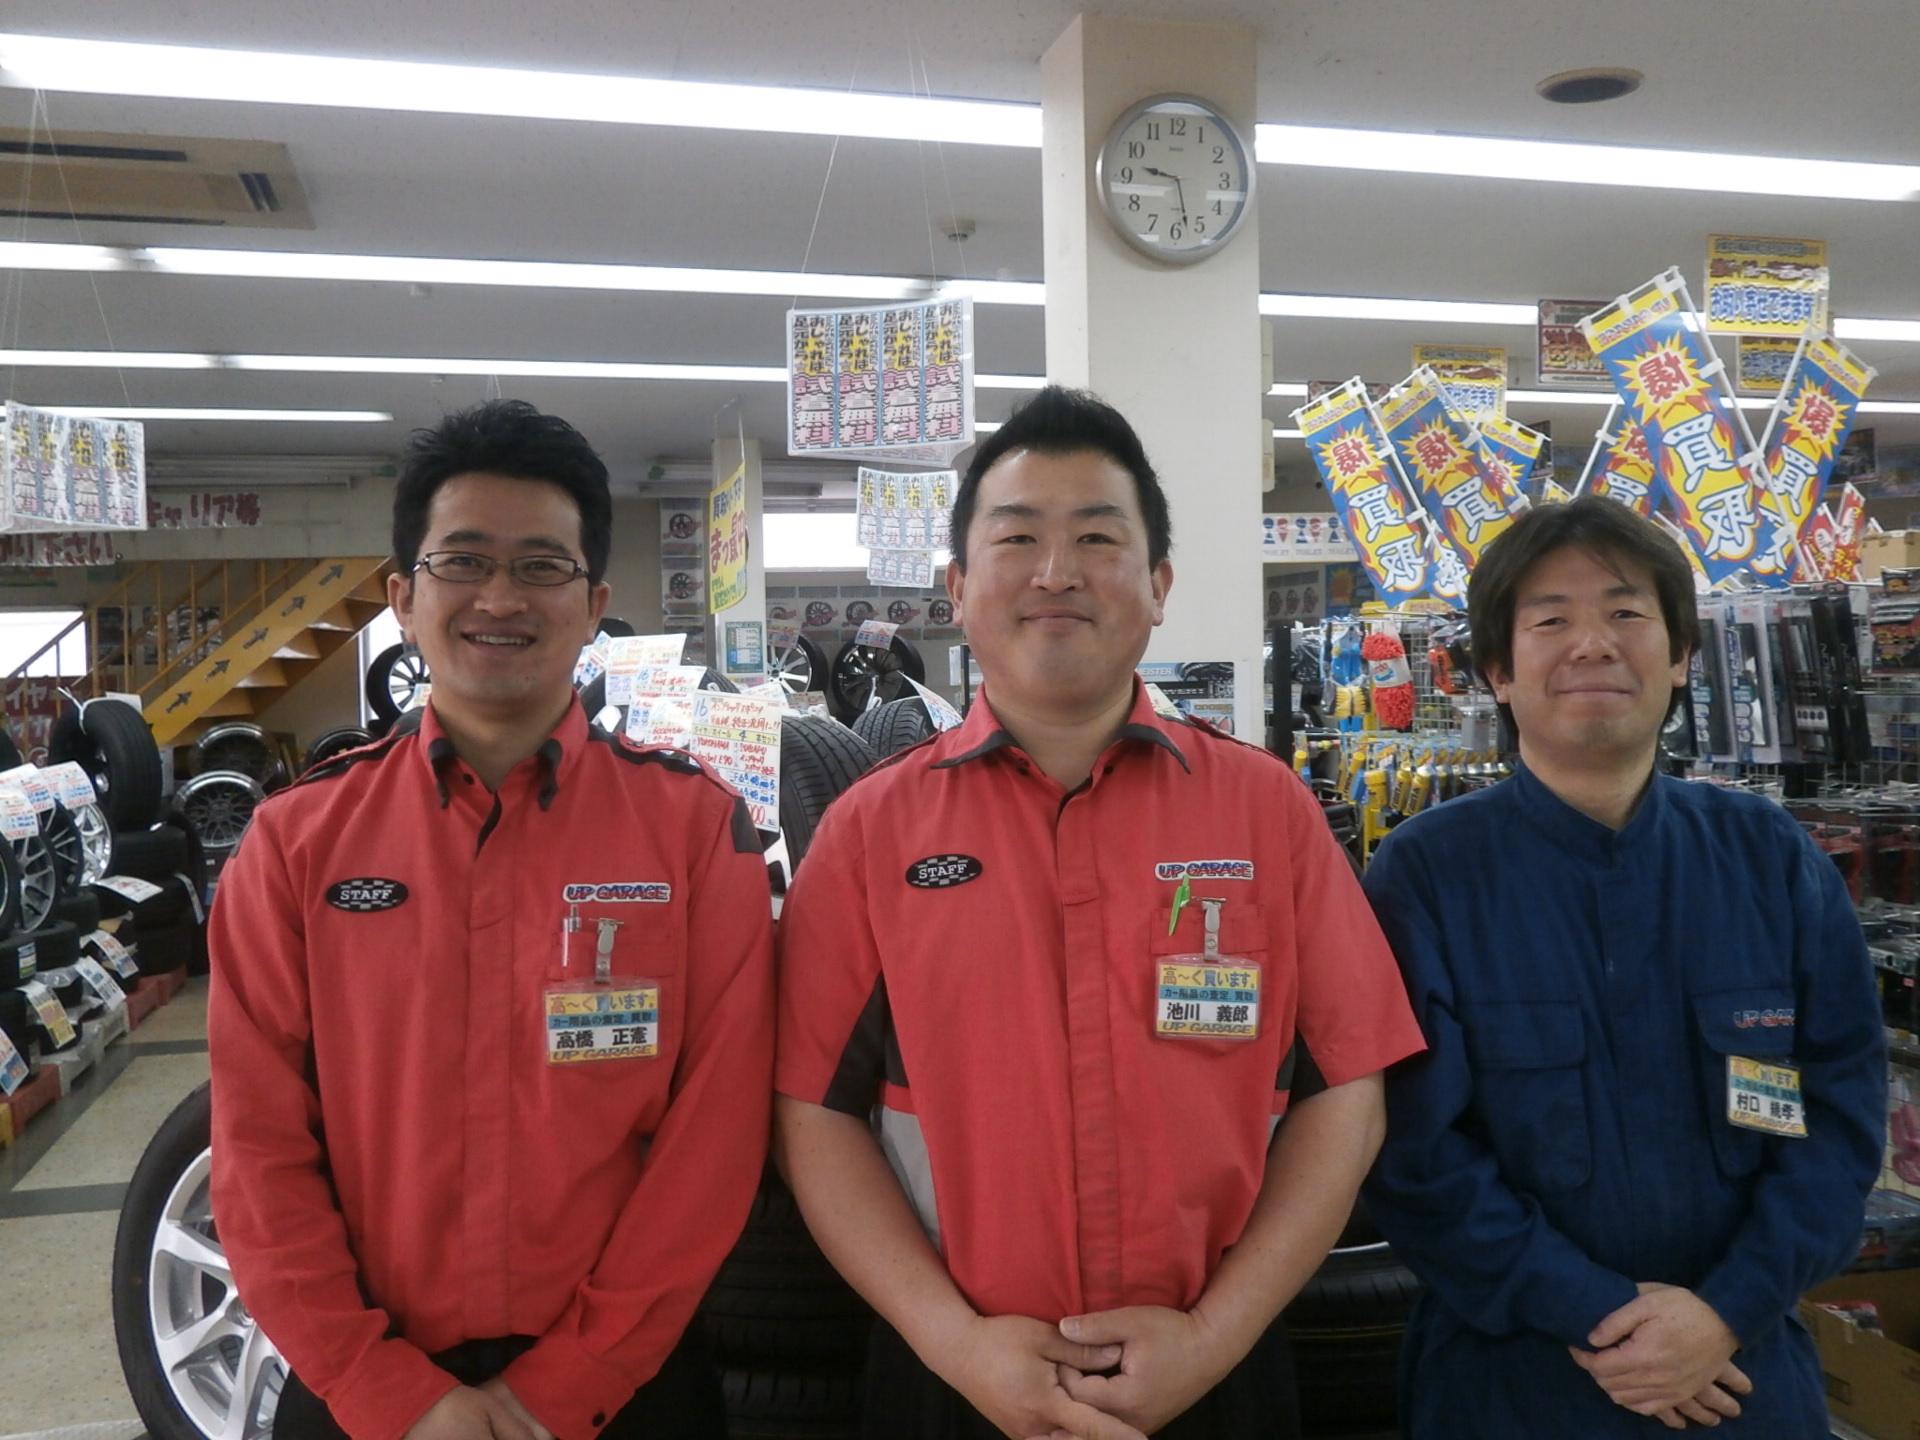 shopimg_matsuyama_staff1